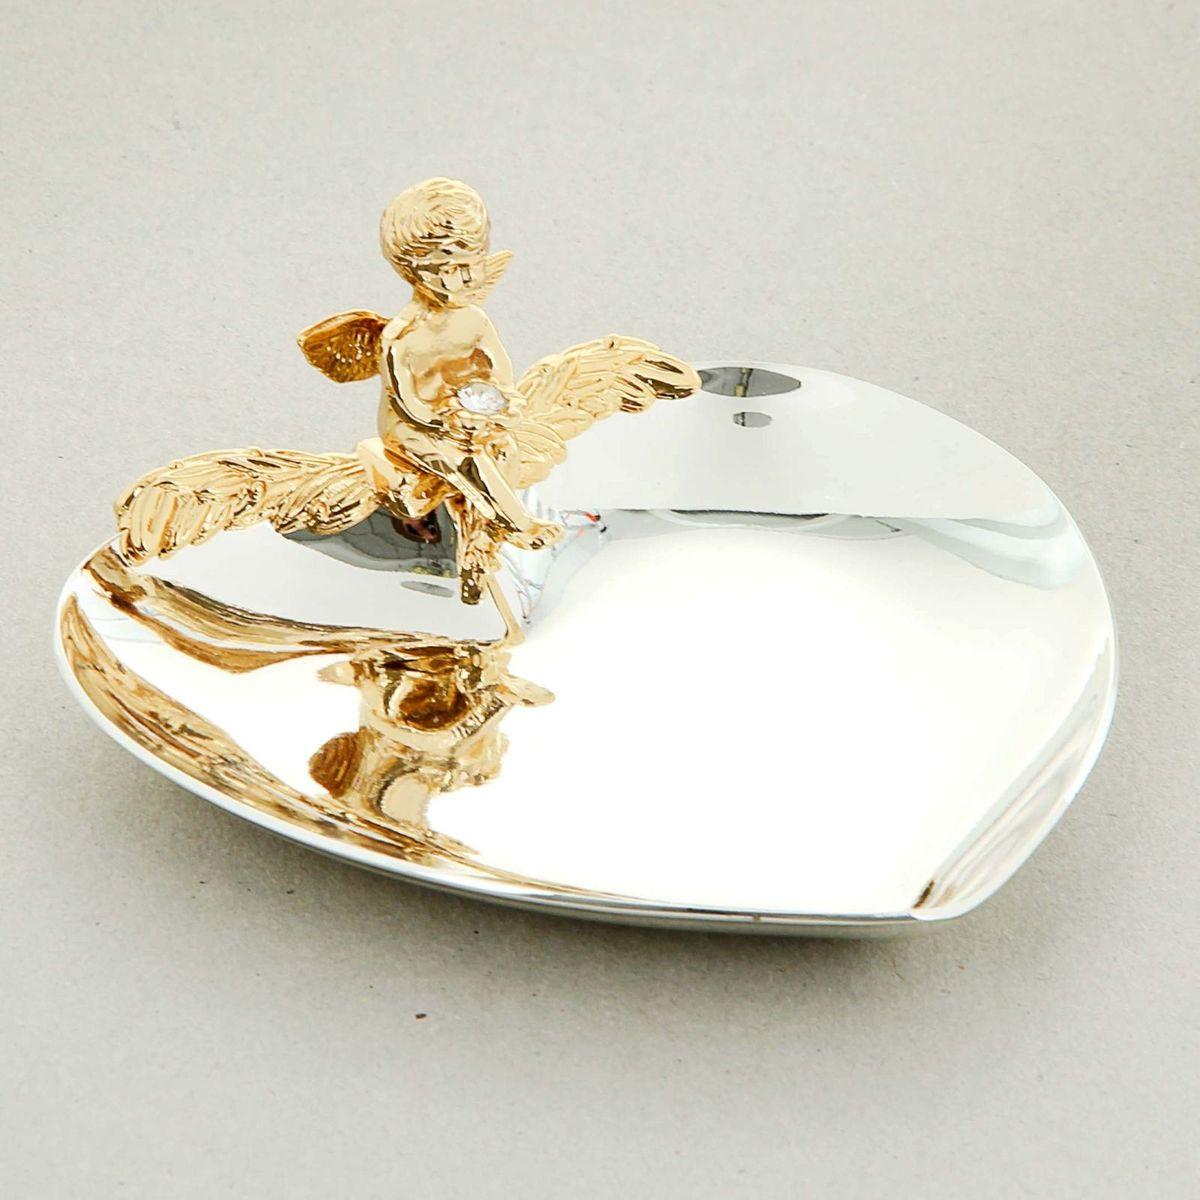 Swarovski Elements Блюдце для колец с ангелом и хрусталиками сваровски - Свадебные аксессуары